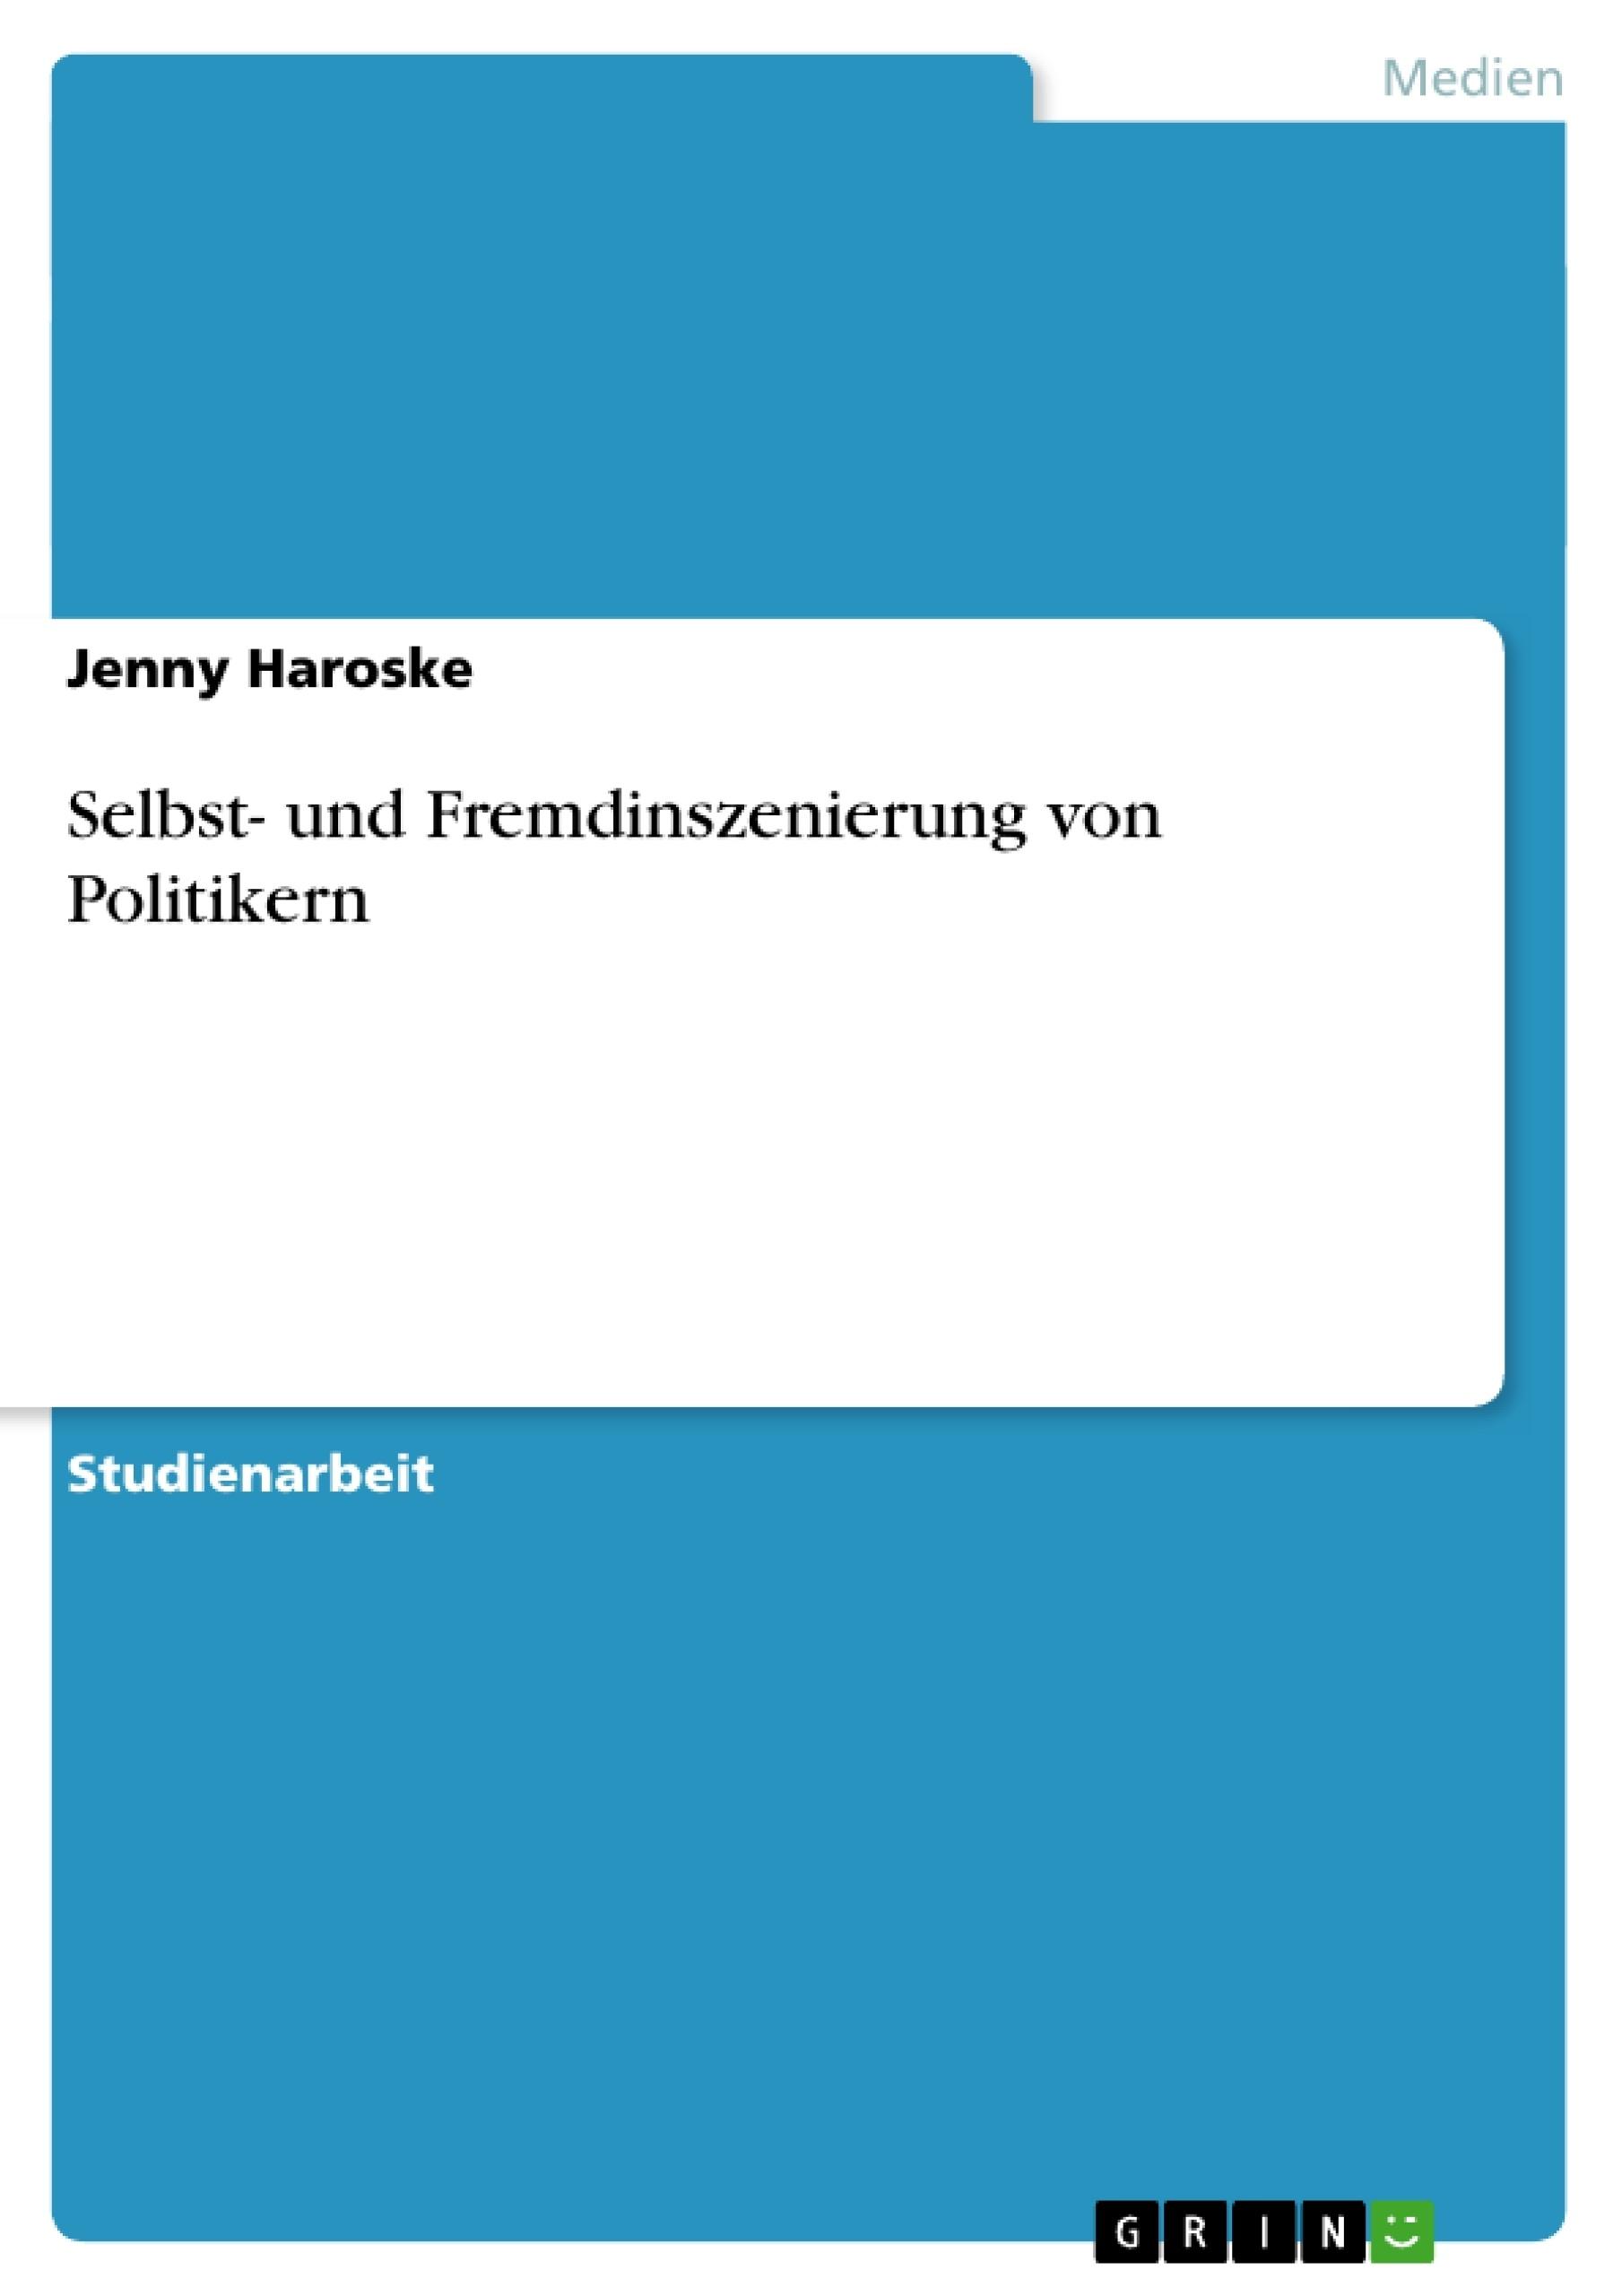 Titel: Selbst- und Fremdinszenierung von Politikern